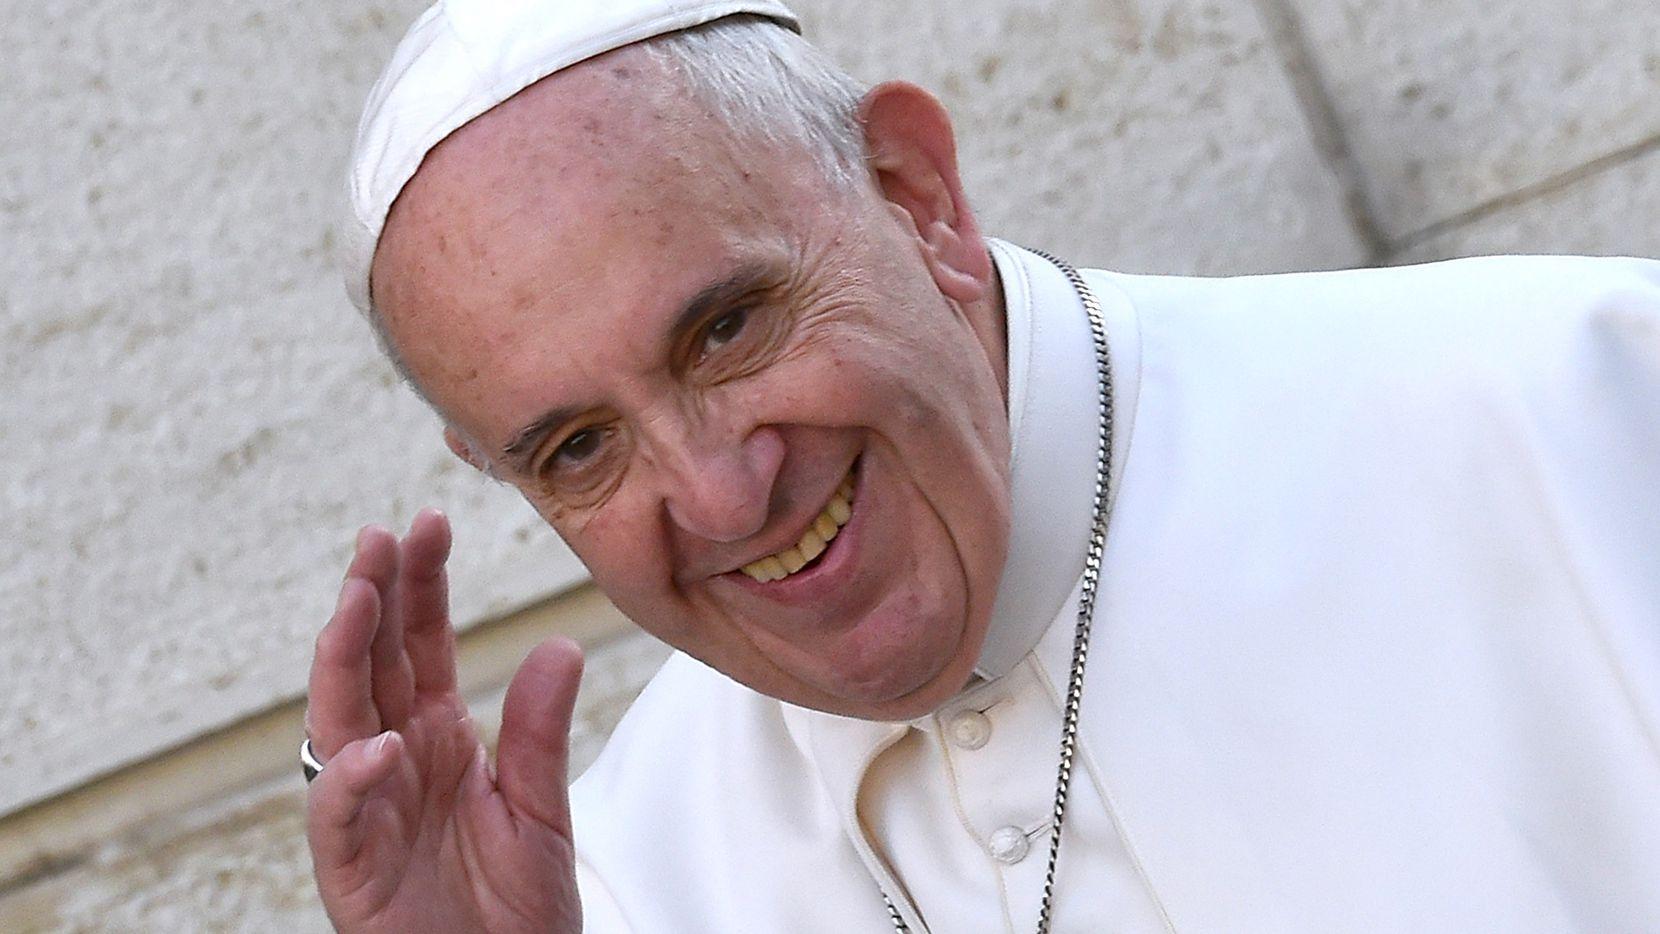 El papa Francisco podría viajar a México en el 2016. Por lo pronto su único viaje planificado es a Polonia.